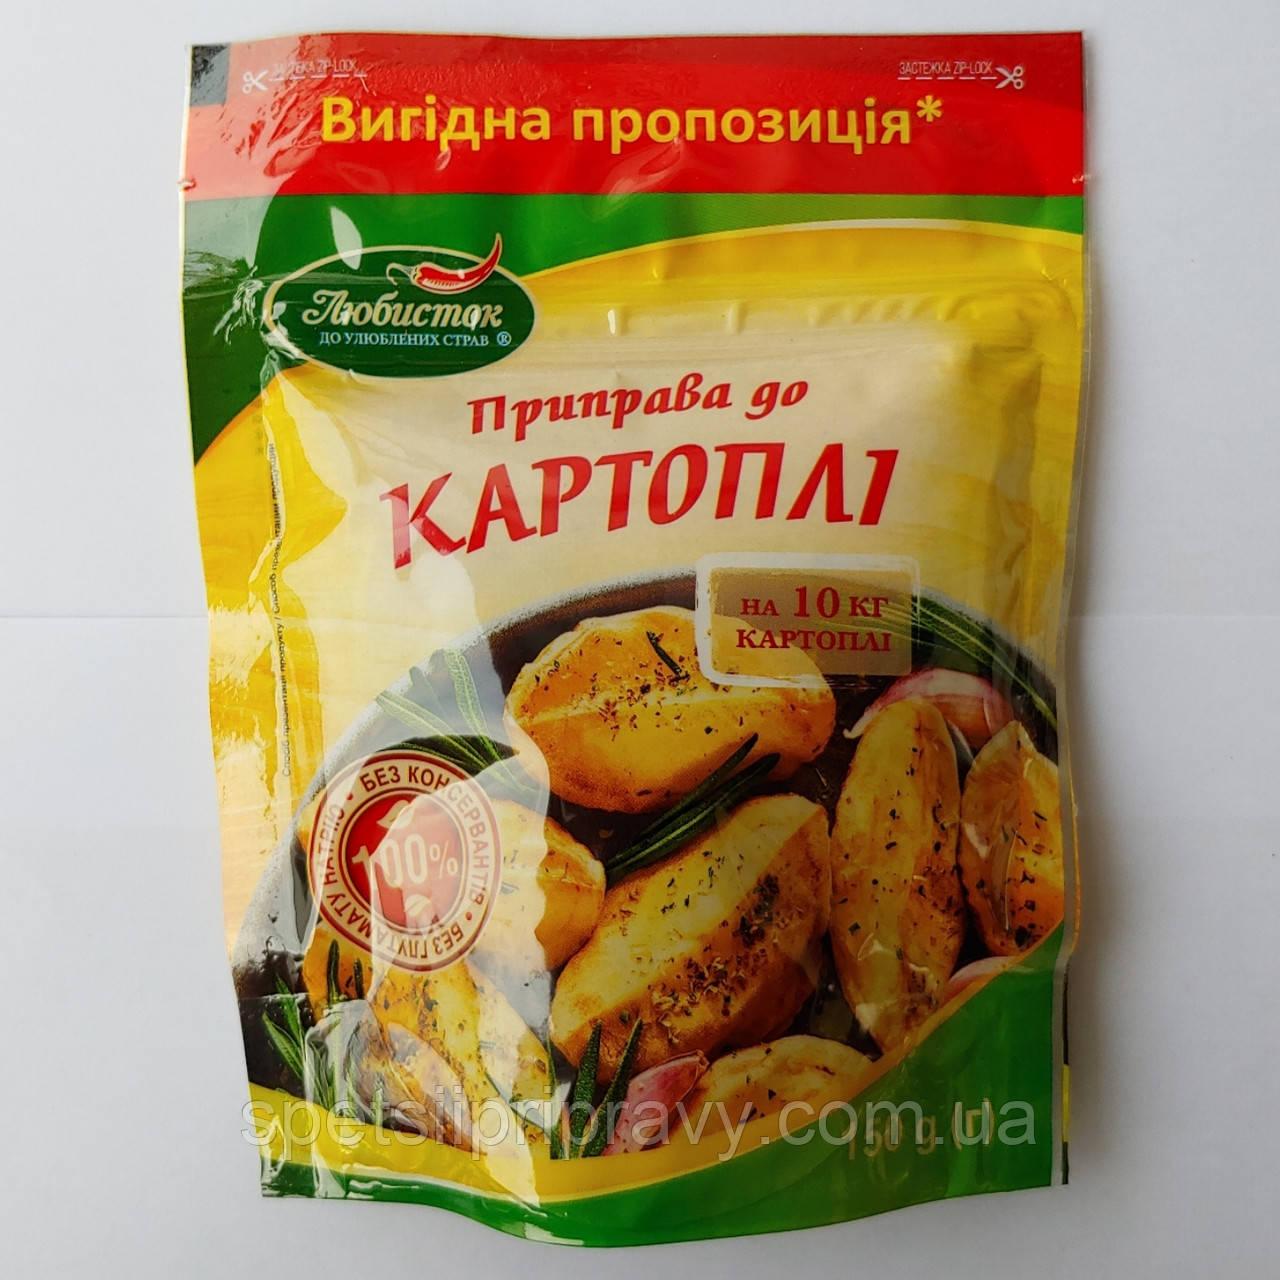 Приправа к картофелю 150г